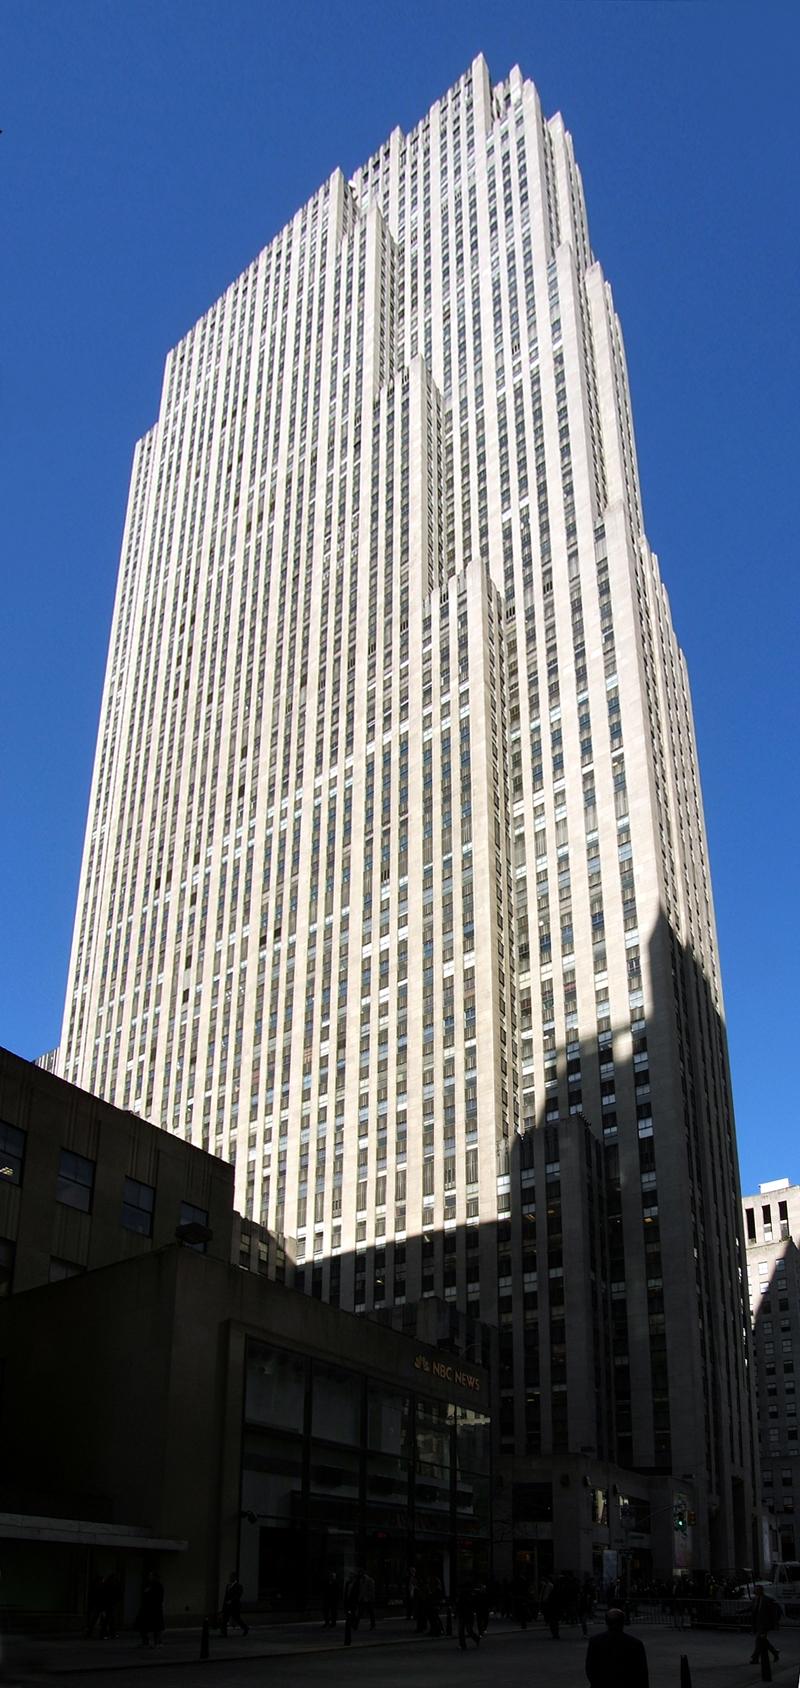 Comcast Building The Skyscraper Center